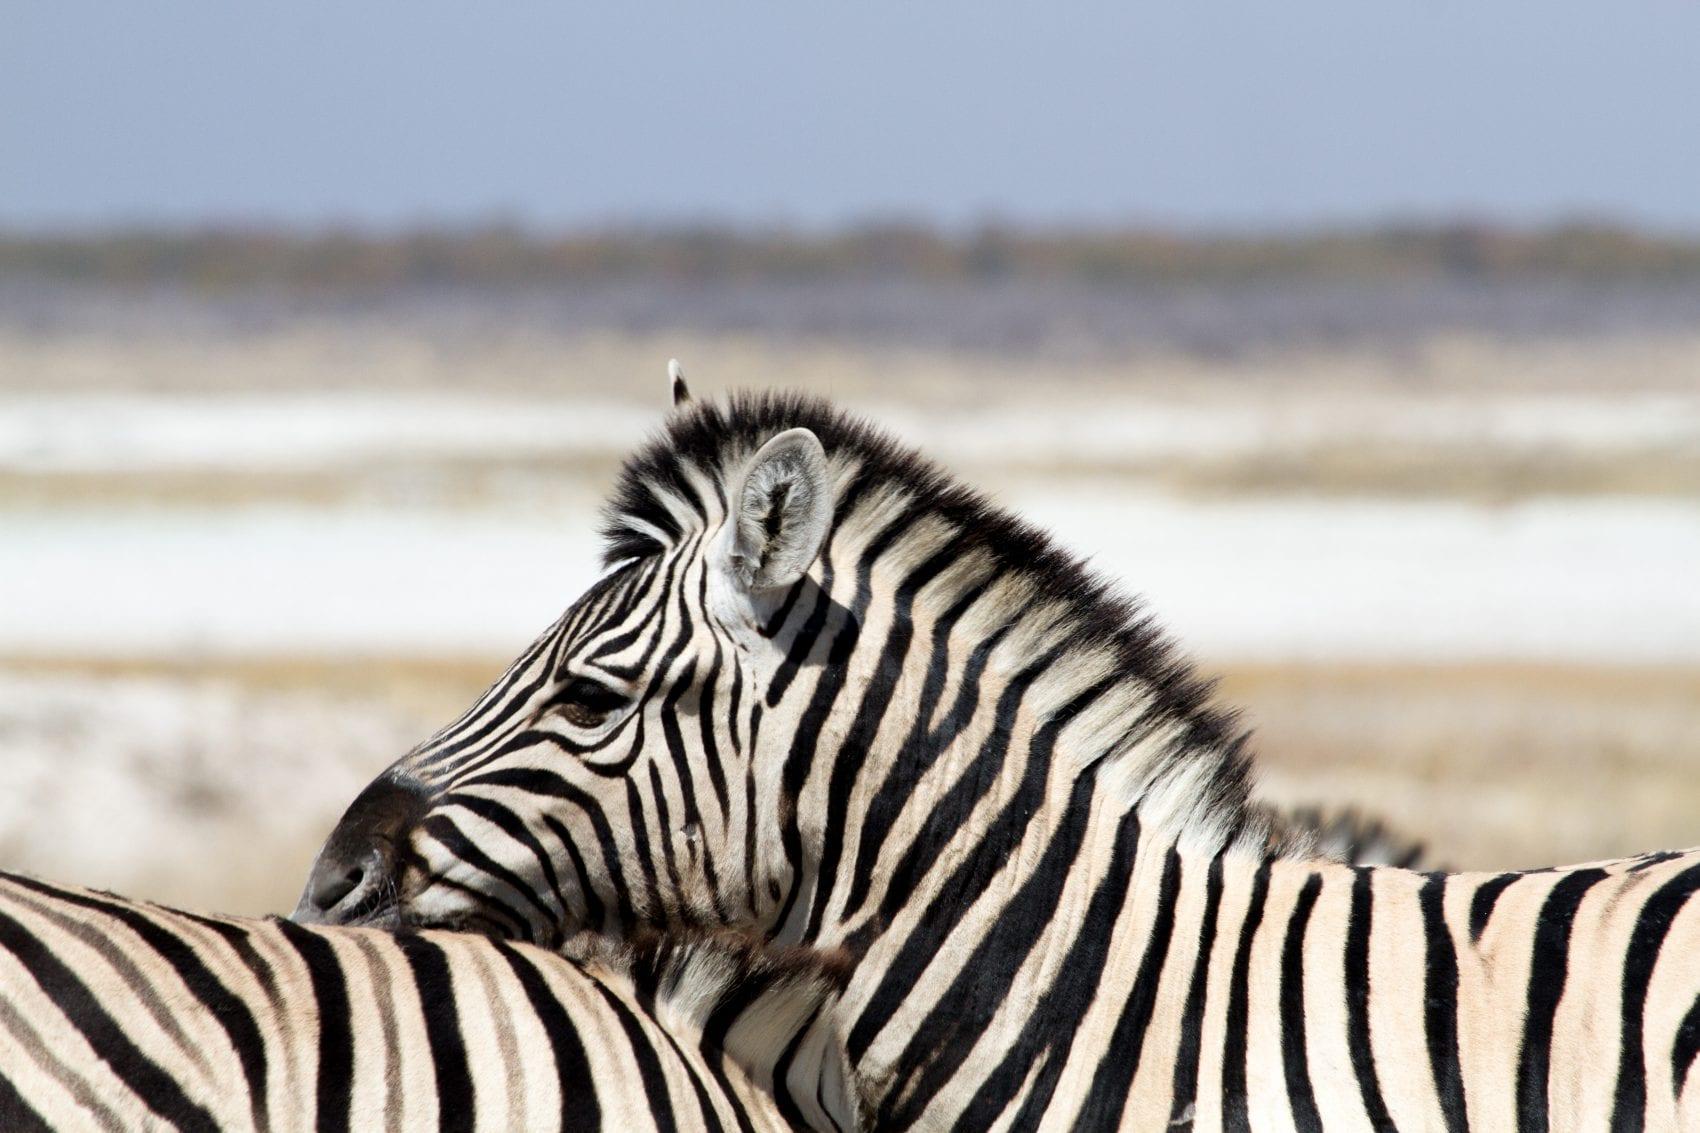 Deux zèbres s'enlaçant en safari en Namibie à Etosha.